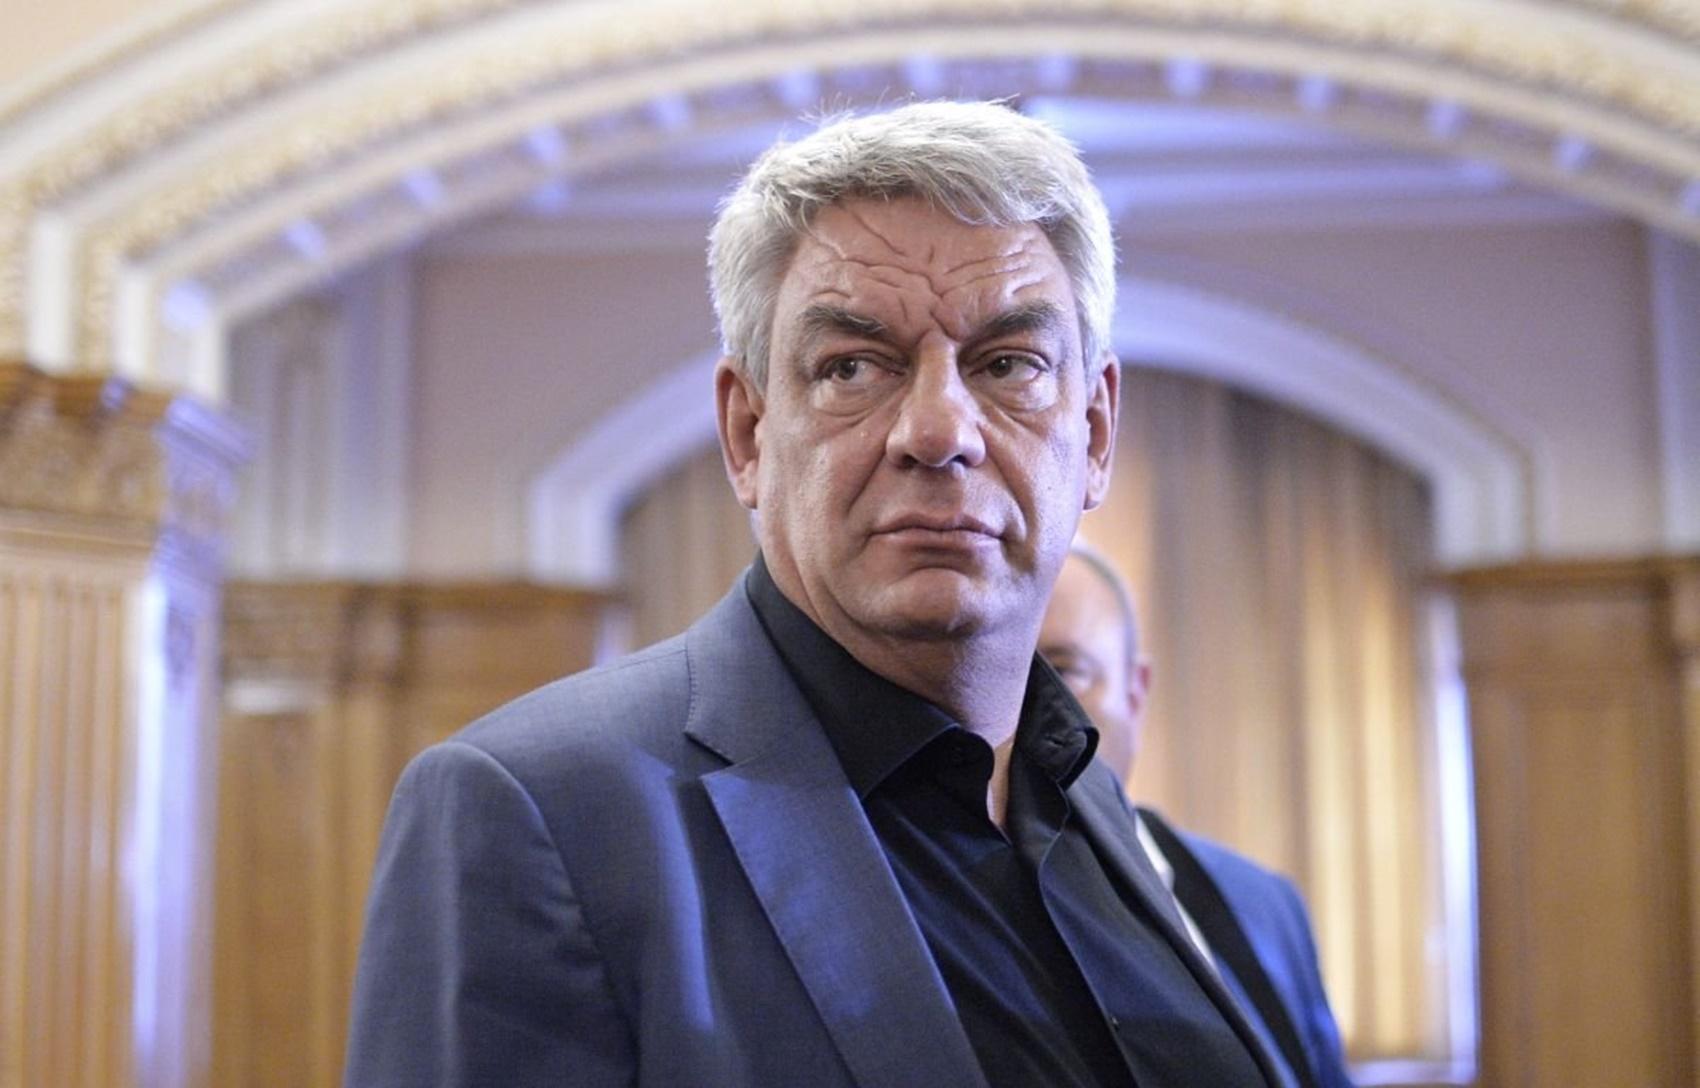 Tatăl fostului premier Mihai Tudose este infectat cu coronavirus